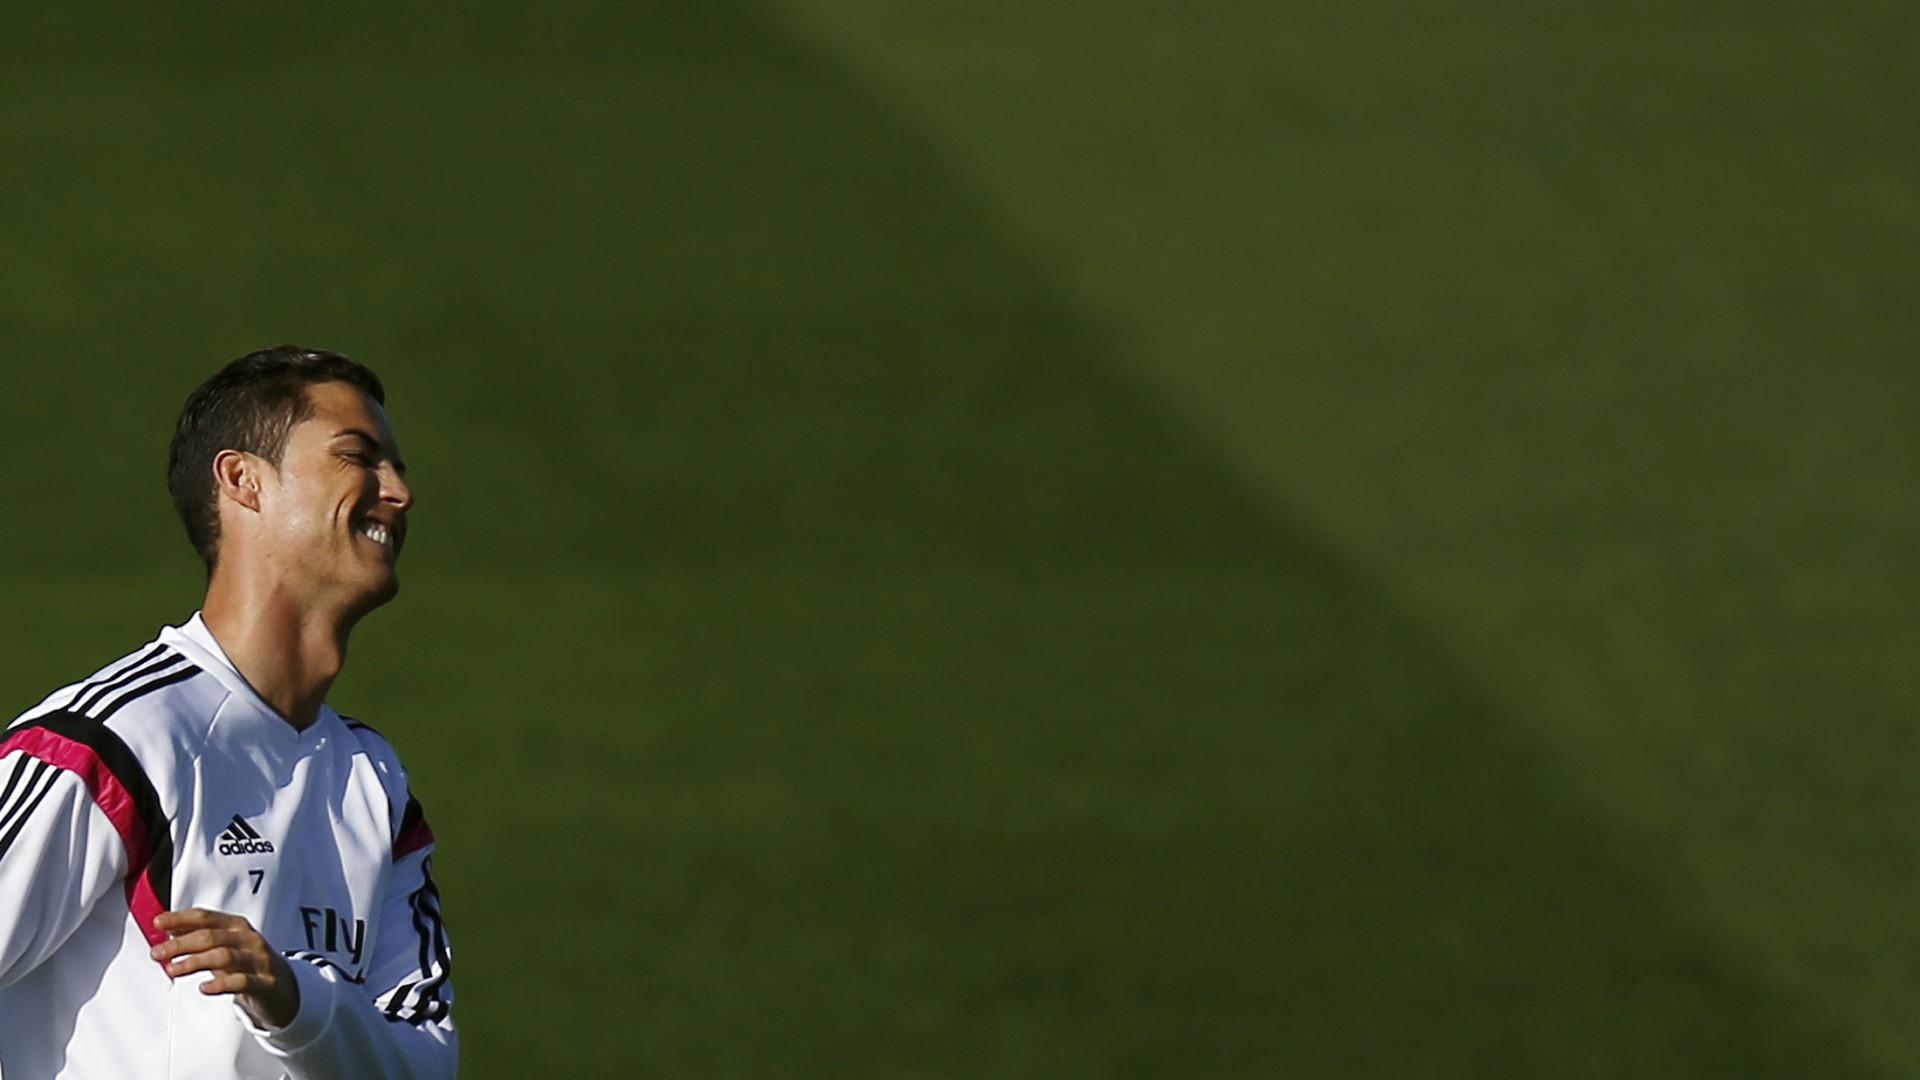 Divulgadas imagens das alegadas novas chuteiras de Cristiano Ronaldo c1679458458f2